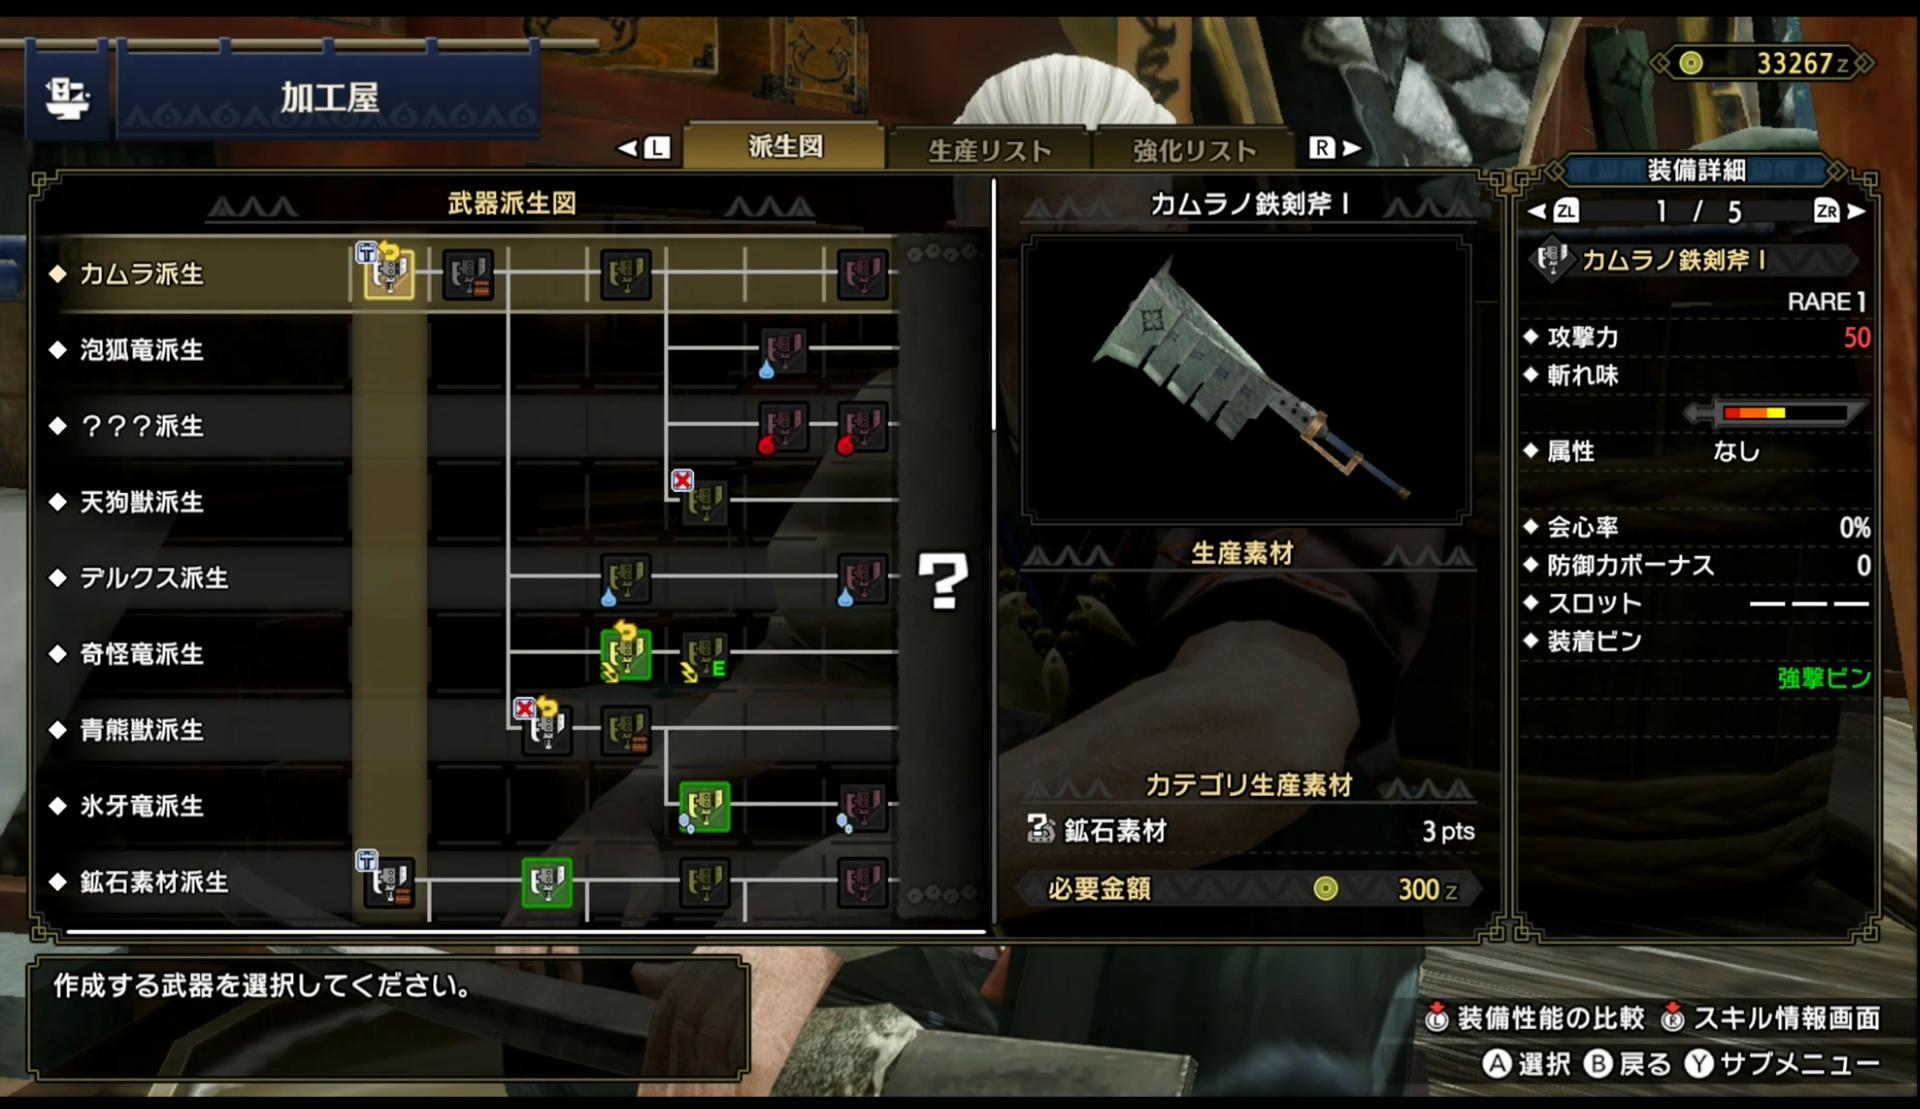 武器の強化では系統毎に強化ツリーを見ることができる。どのように強化していくかプランを立てておこう